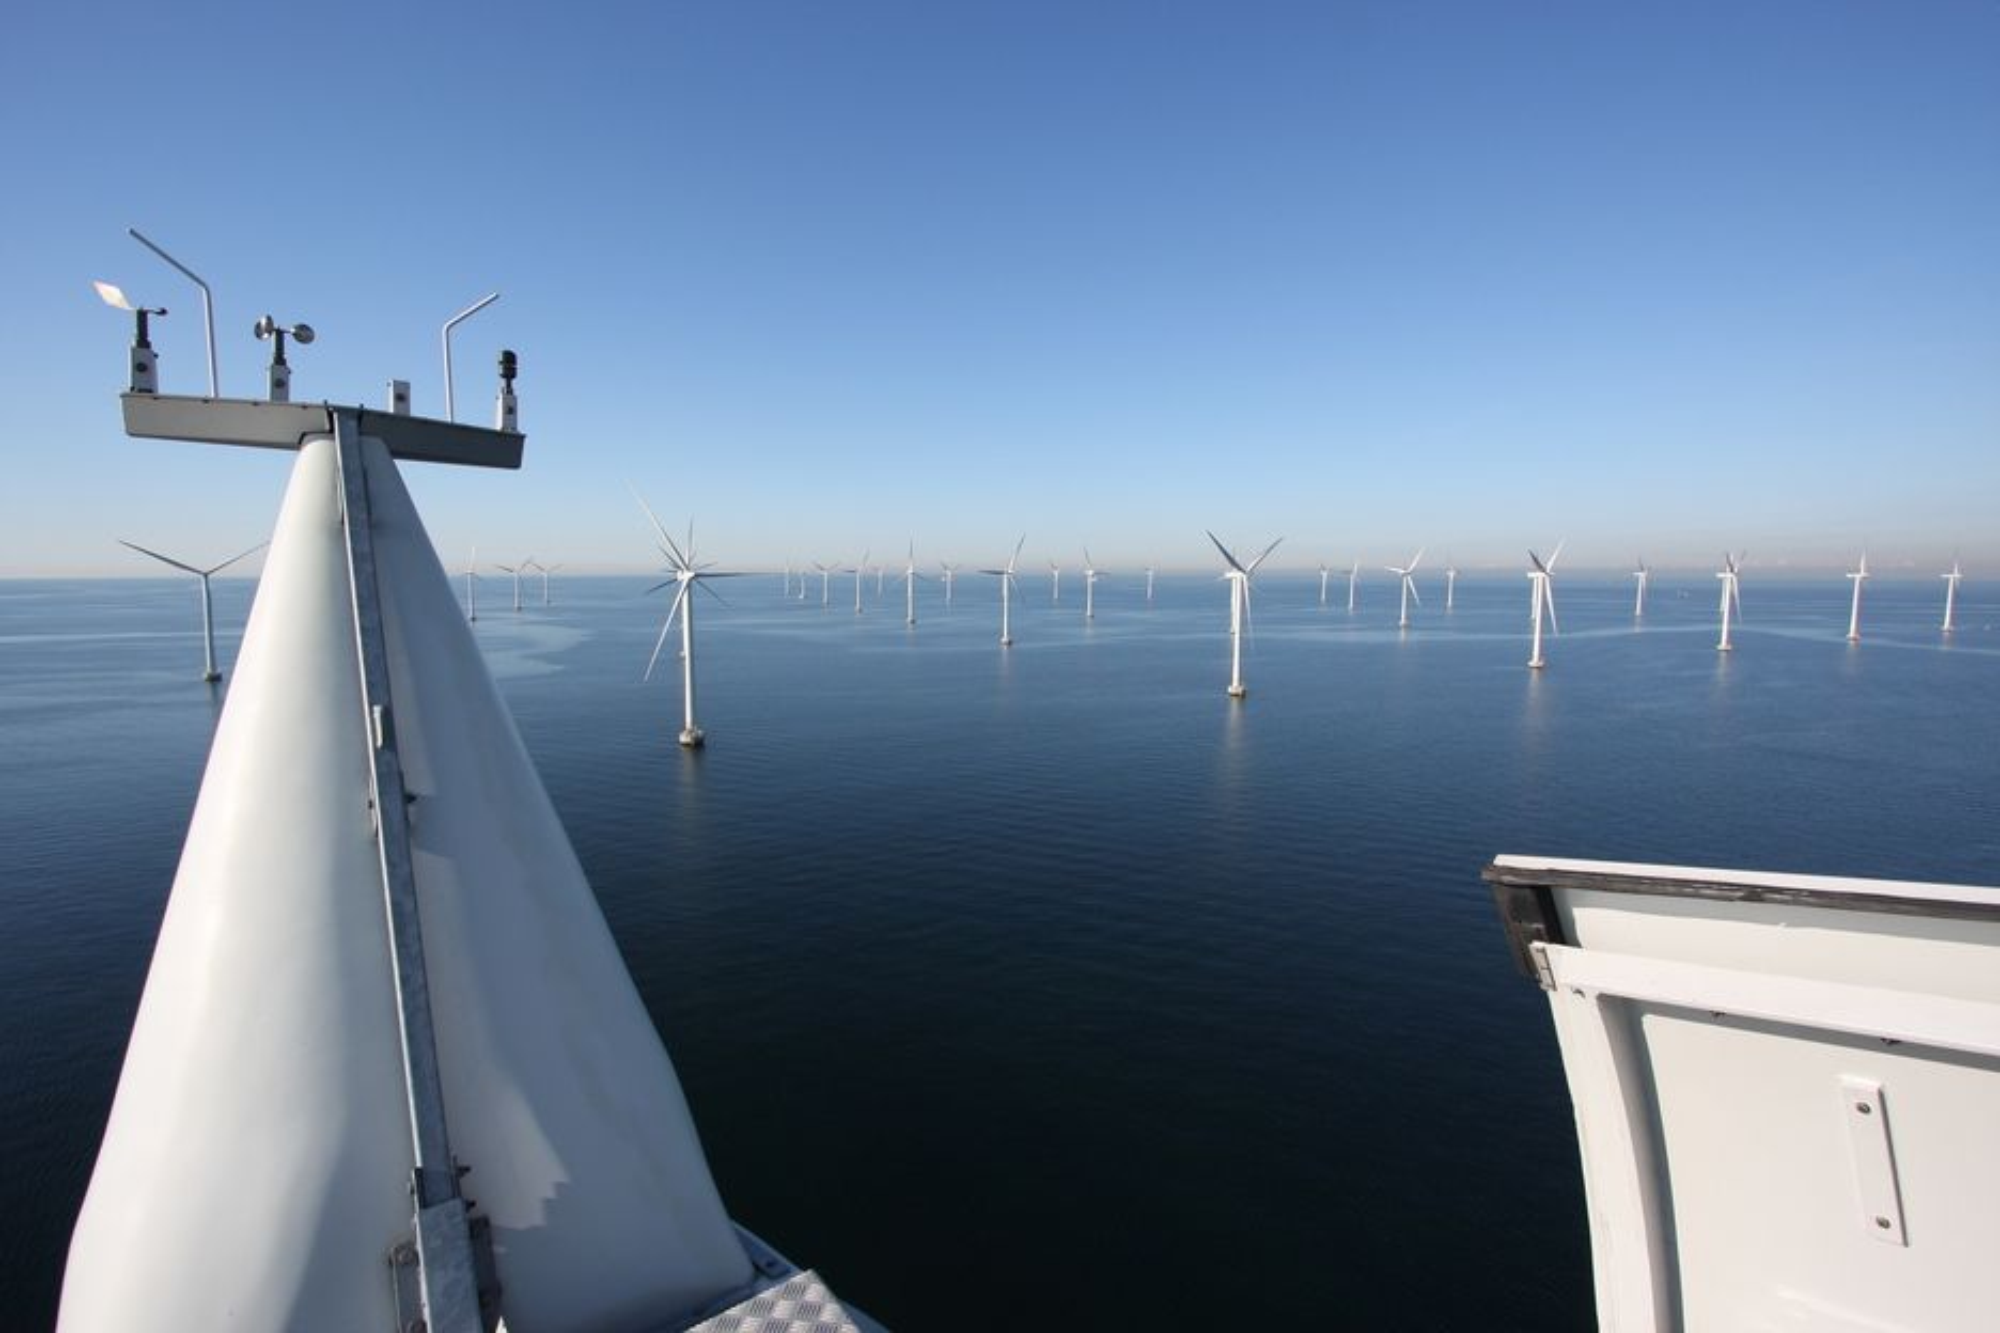 HAVVIND: Dette er svenske Lillgrund, en havvindpark på 110 MW. Artikkelforfatterne mener Norge har en stor mulighet til å bidra til globale klimakutt ved å gjøre teknologien for flytende havvind billigere.